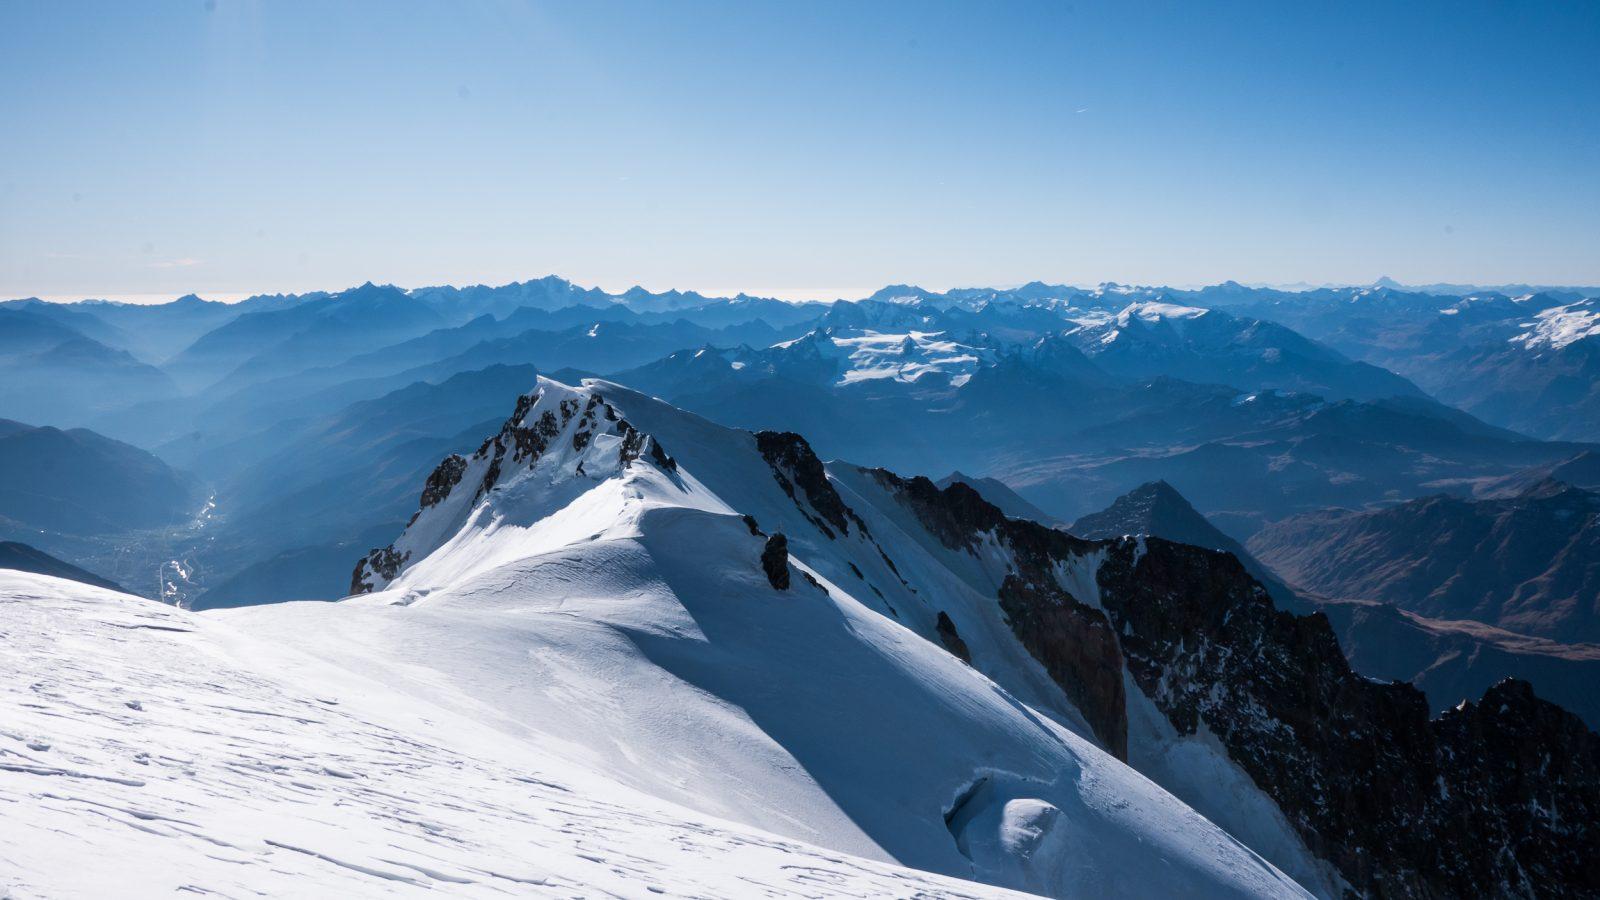 mont blanc bionnassay alpinisme arête